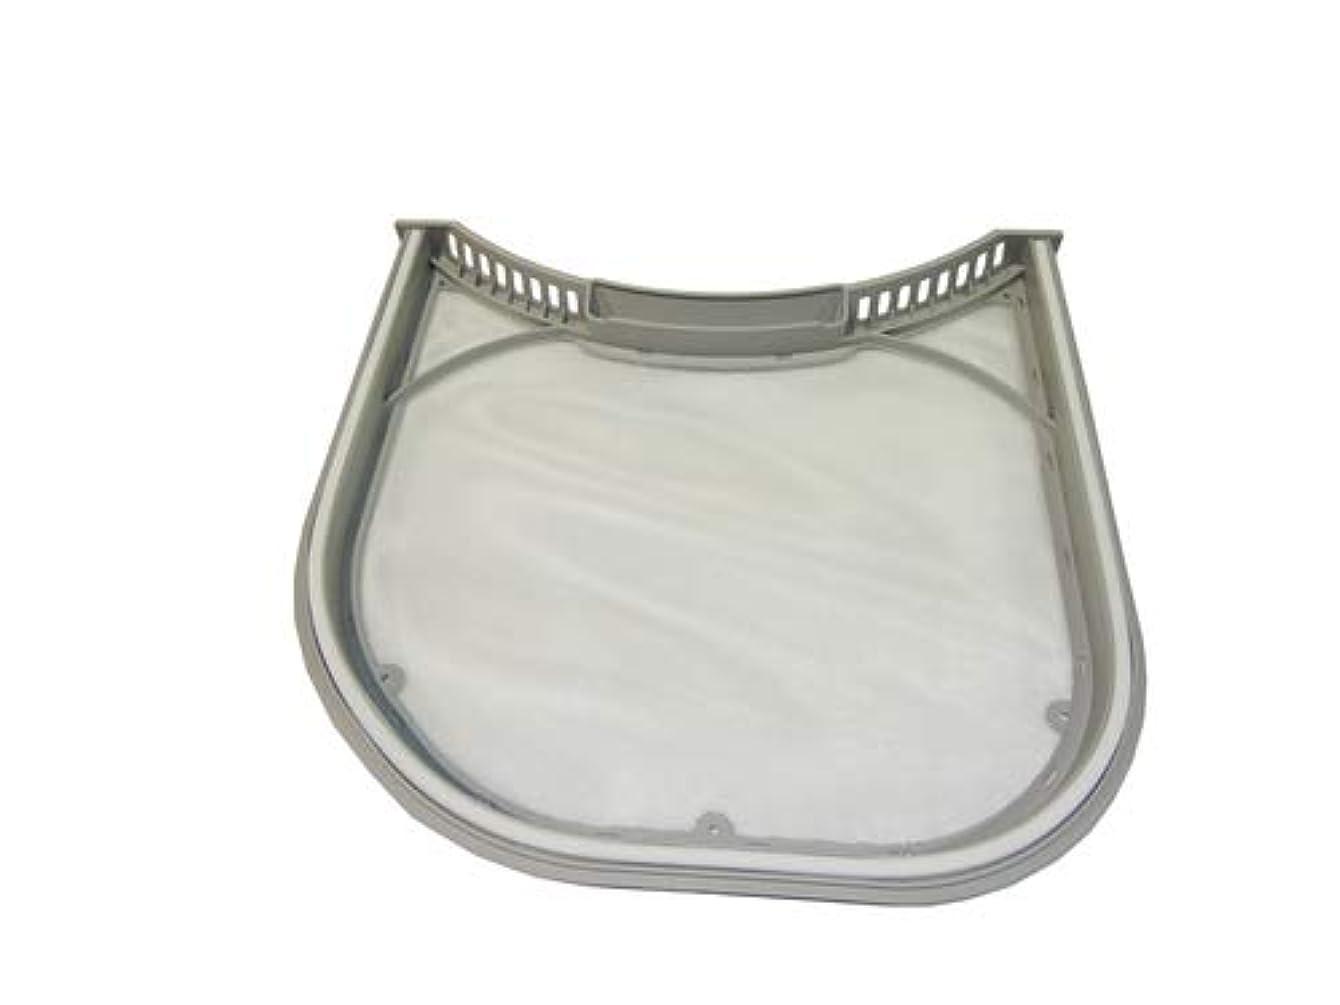 5231EL1003B Dryer Lint Filter Fits AP4440606, 5231EL1003A